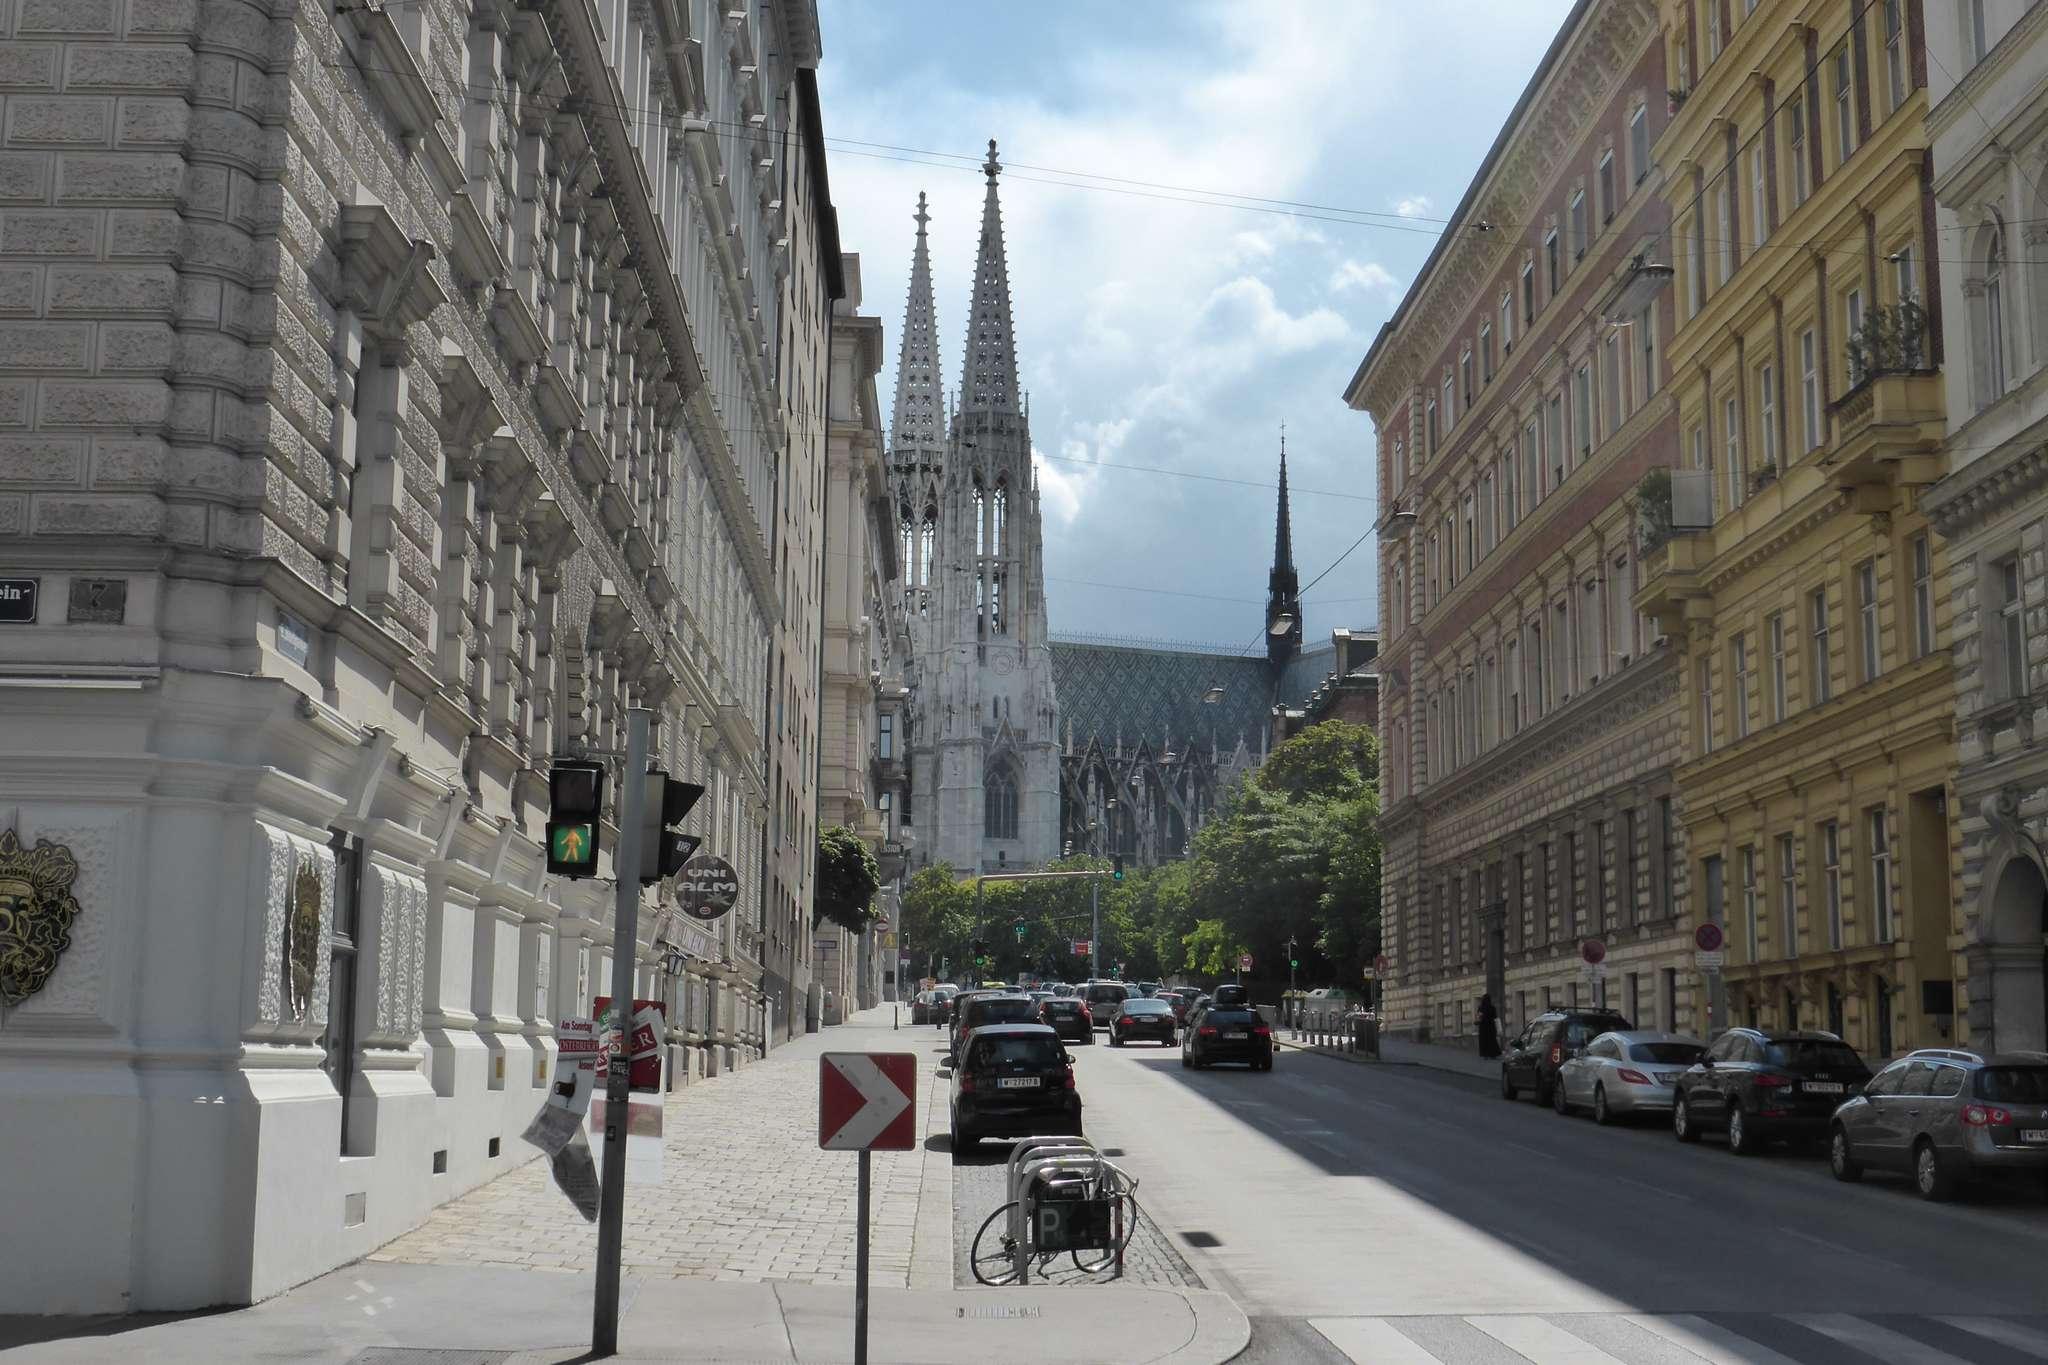 Katedra św. Stefana. Przy wielu parkingach samochodowych znajdziemy kilka miejsc na rowery.